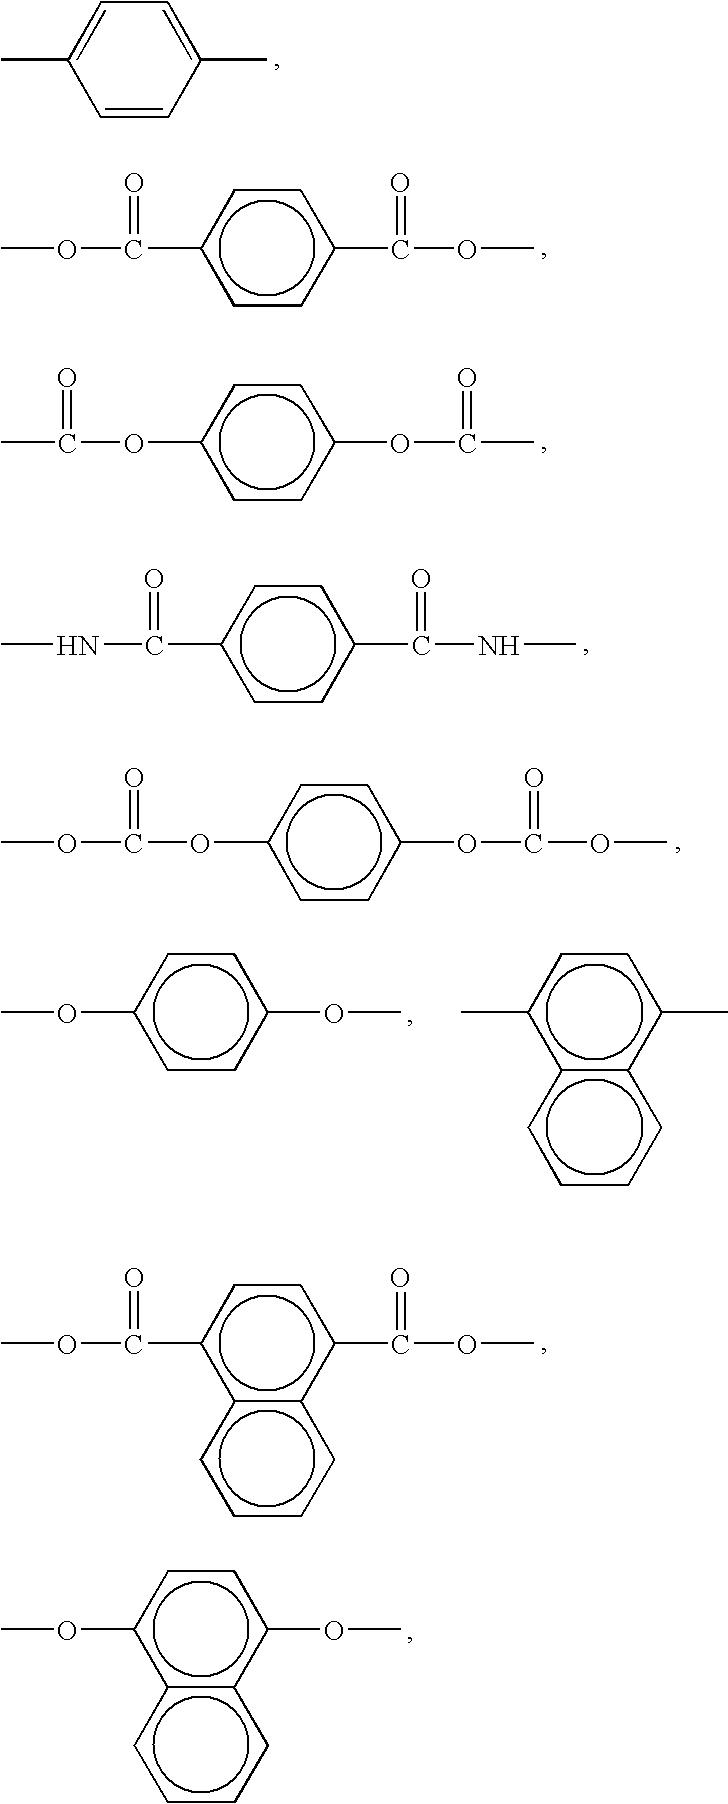 Figure US20100116418A1-20100513-C00001